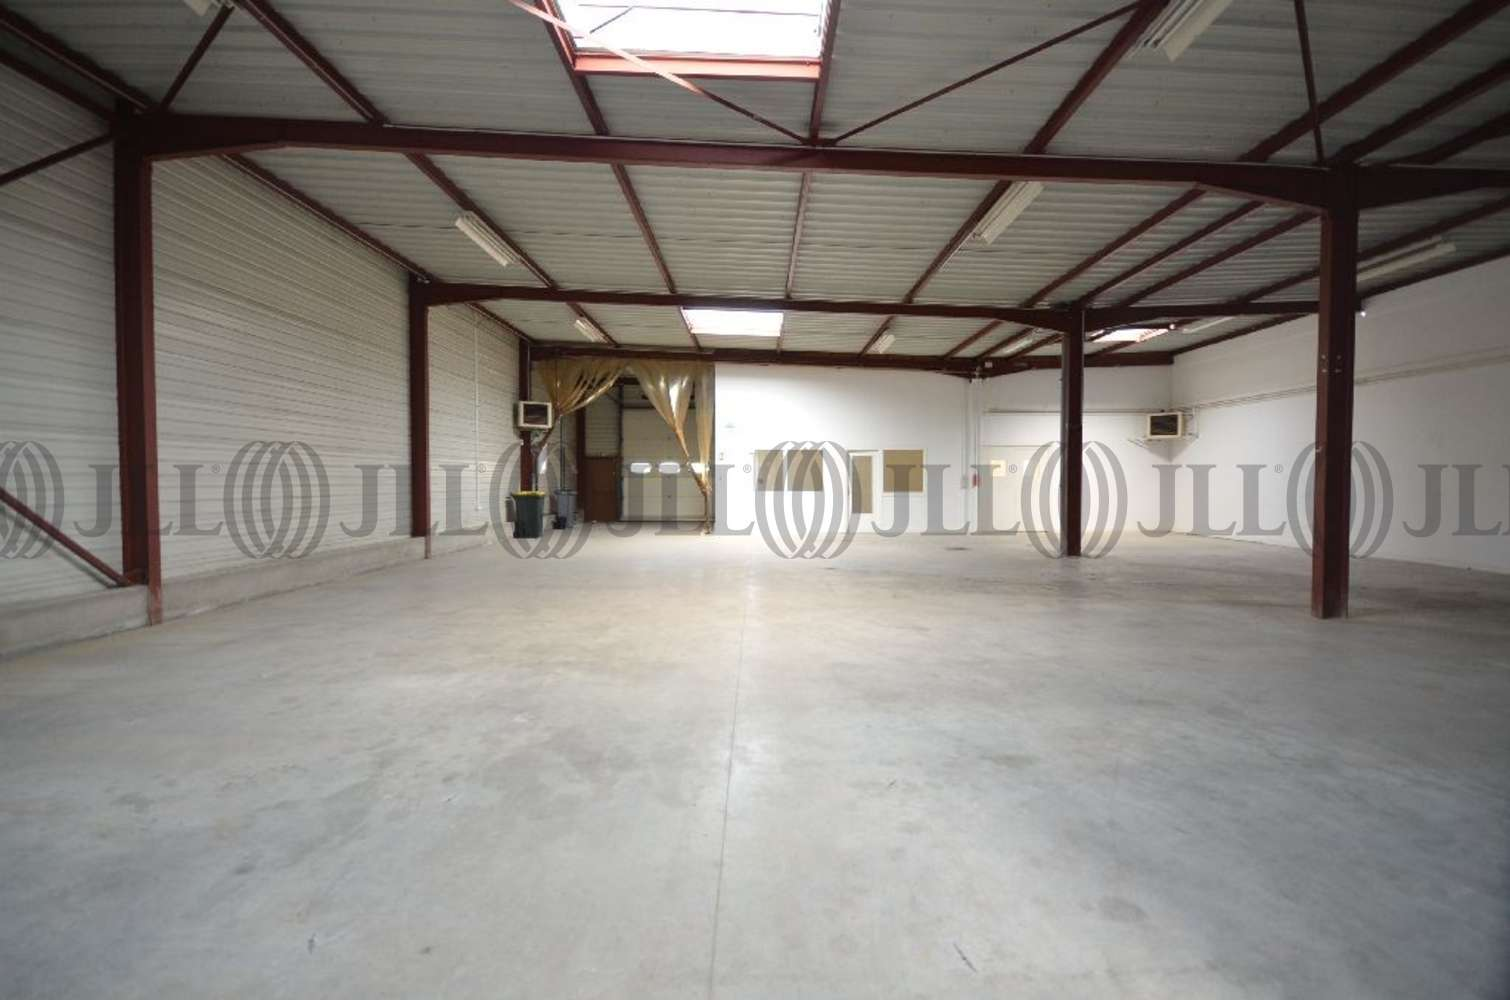 Activités/entrepôt Rillieux la pape, 69140 - Location entrepot Rillieux la Pape, Lyon - 9602764